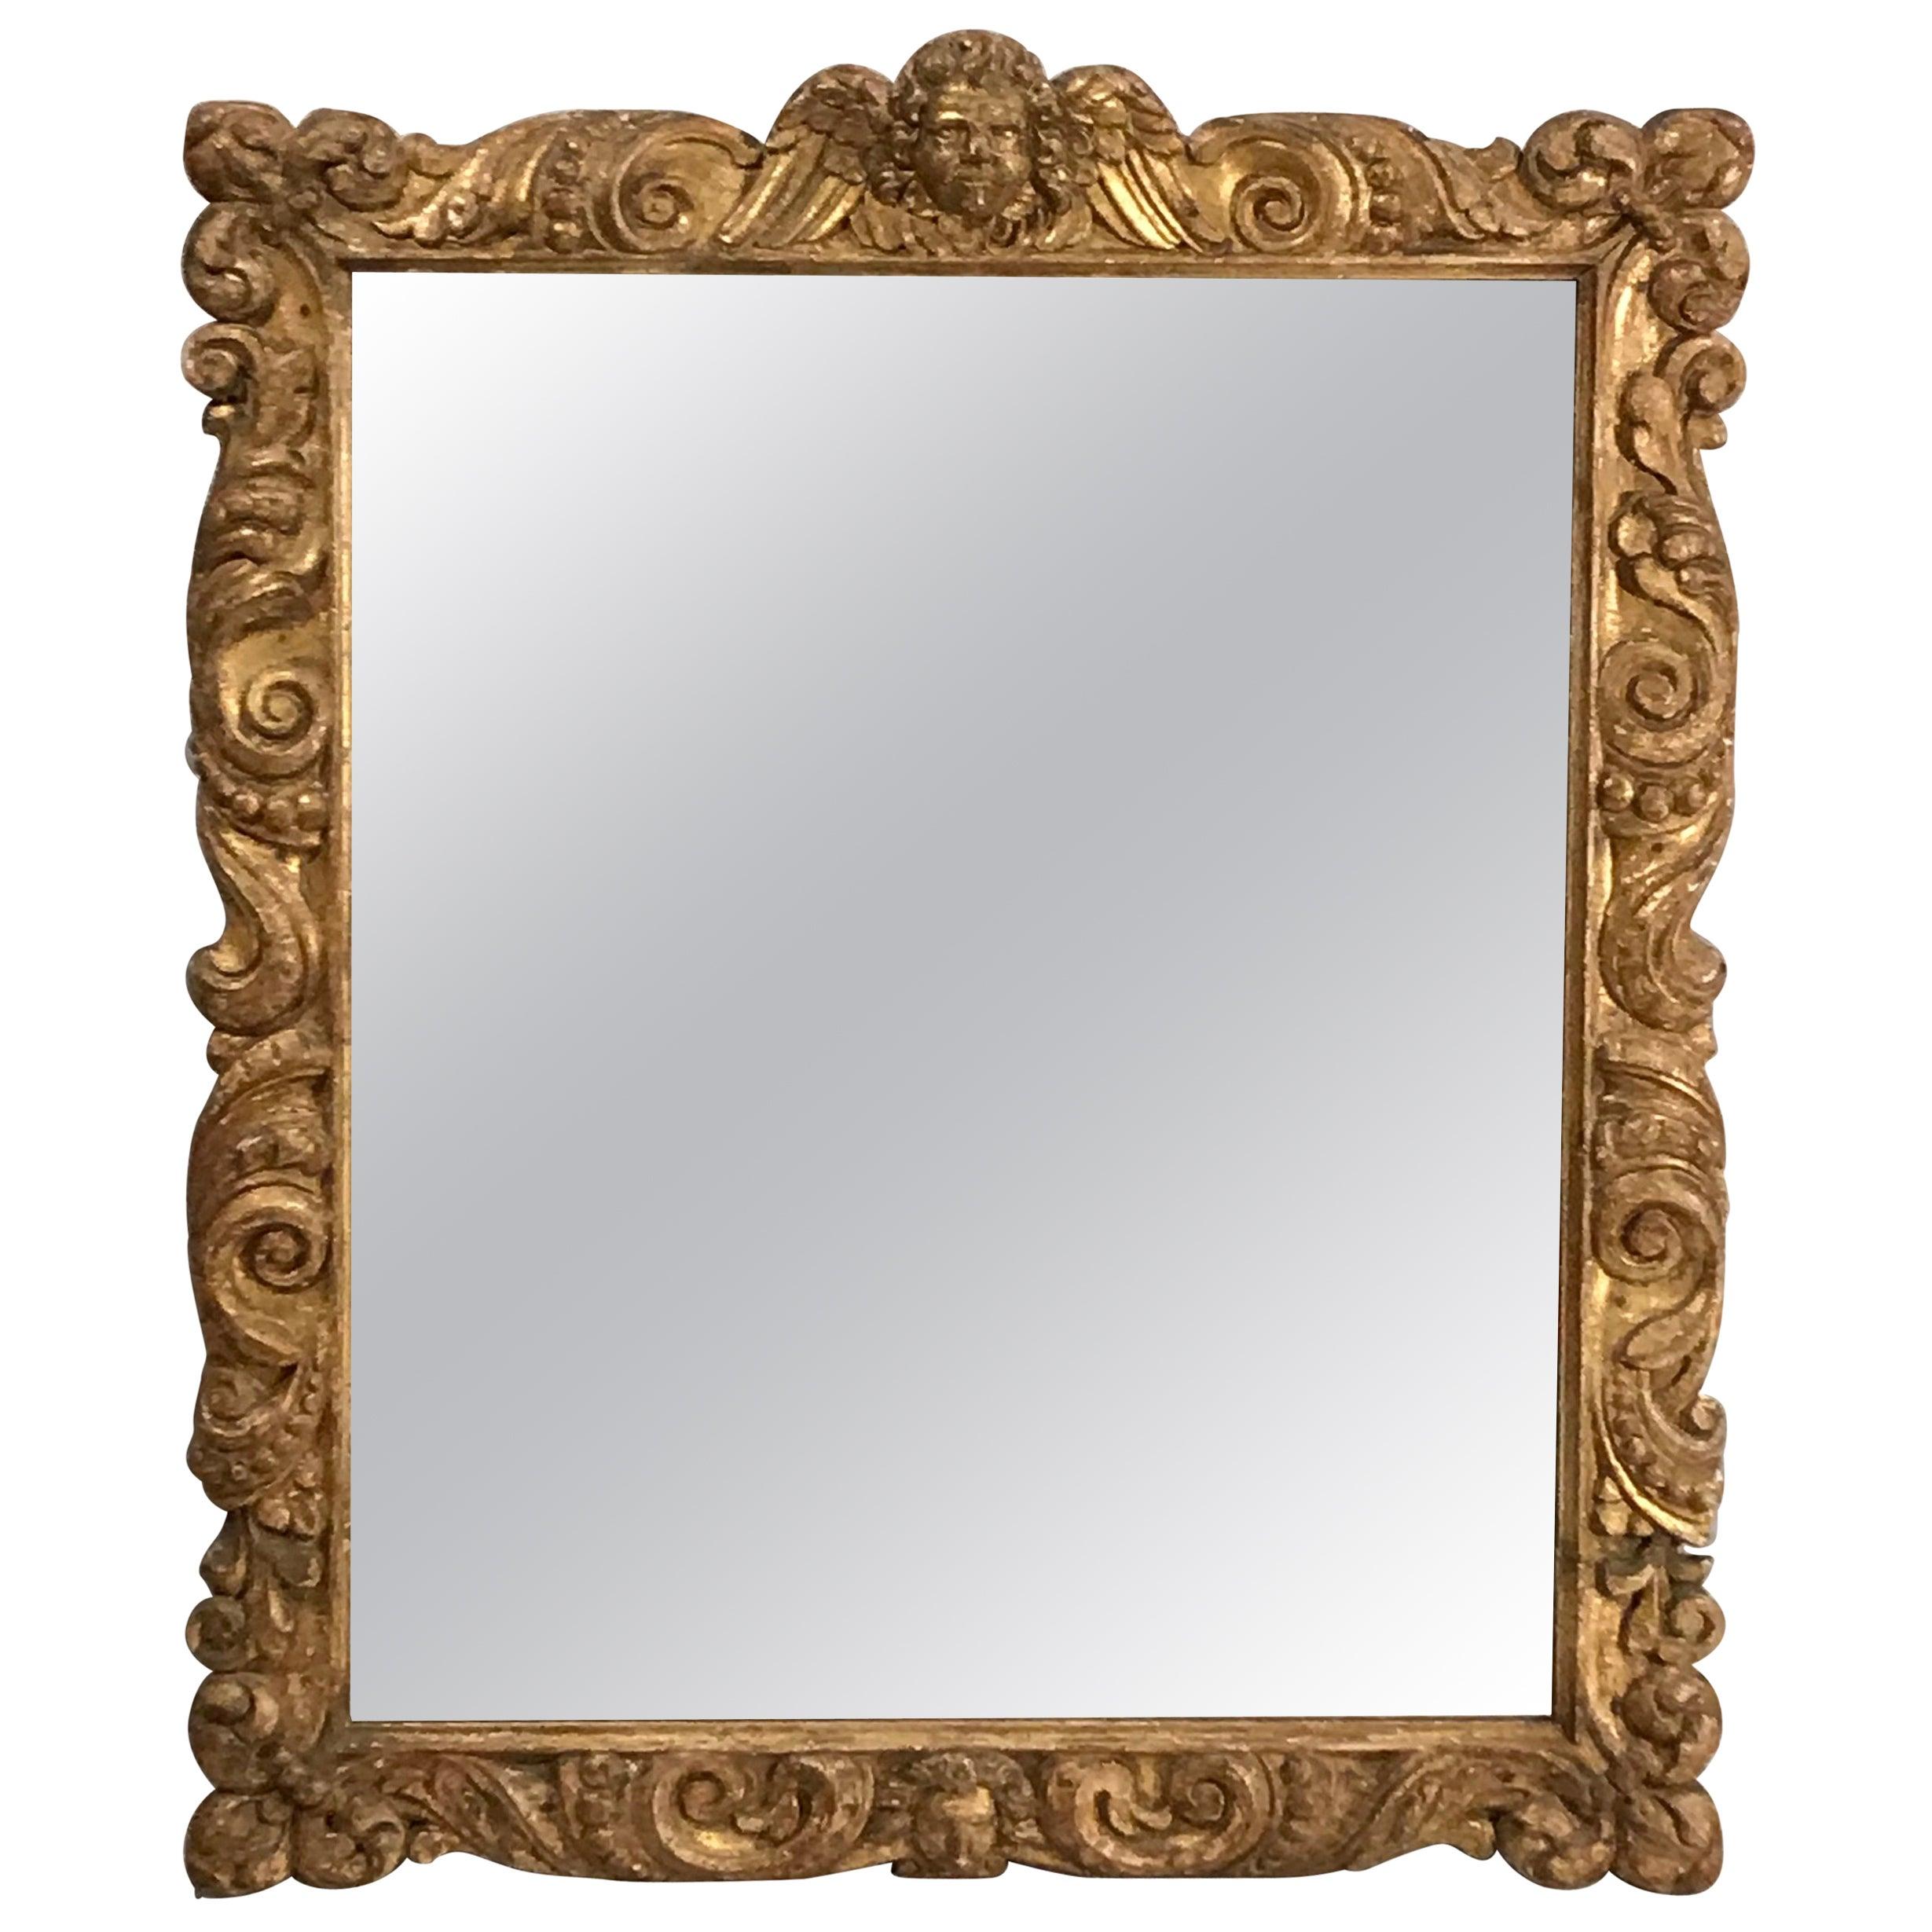 Baroque Mirror, France, 18th Century